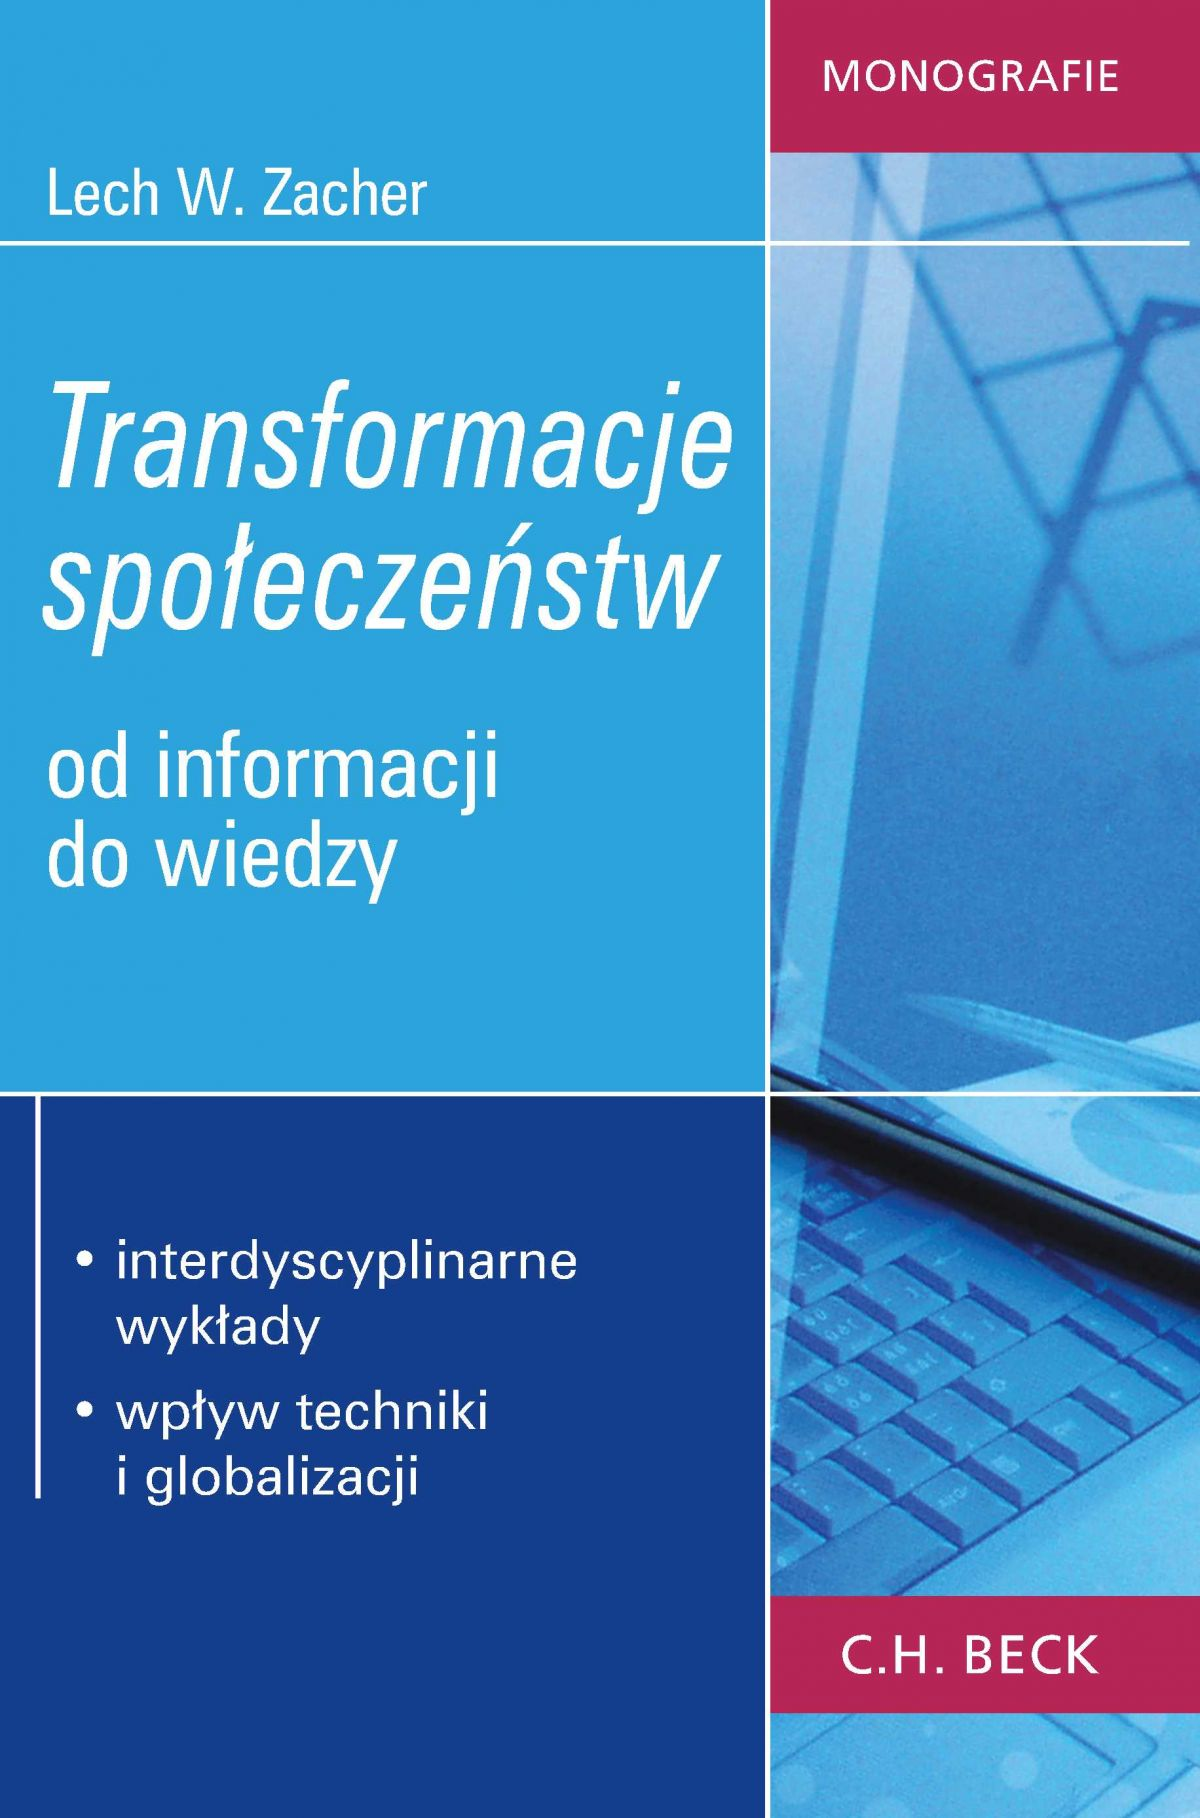 Transformacje społeczeństw. Od informacji do wiedzy - Ebook (Książka PDF) do pobrania w formacie PDF